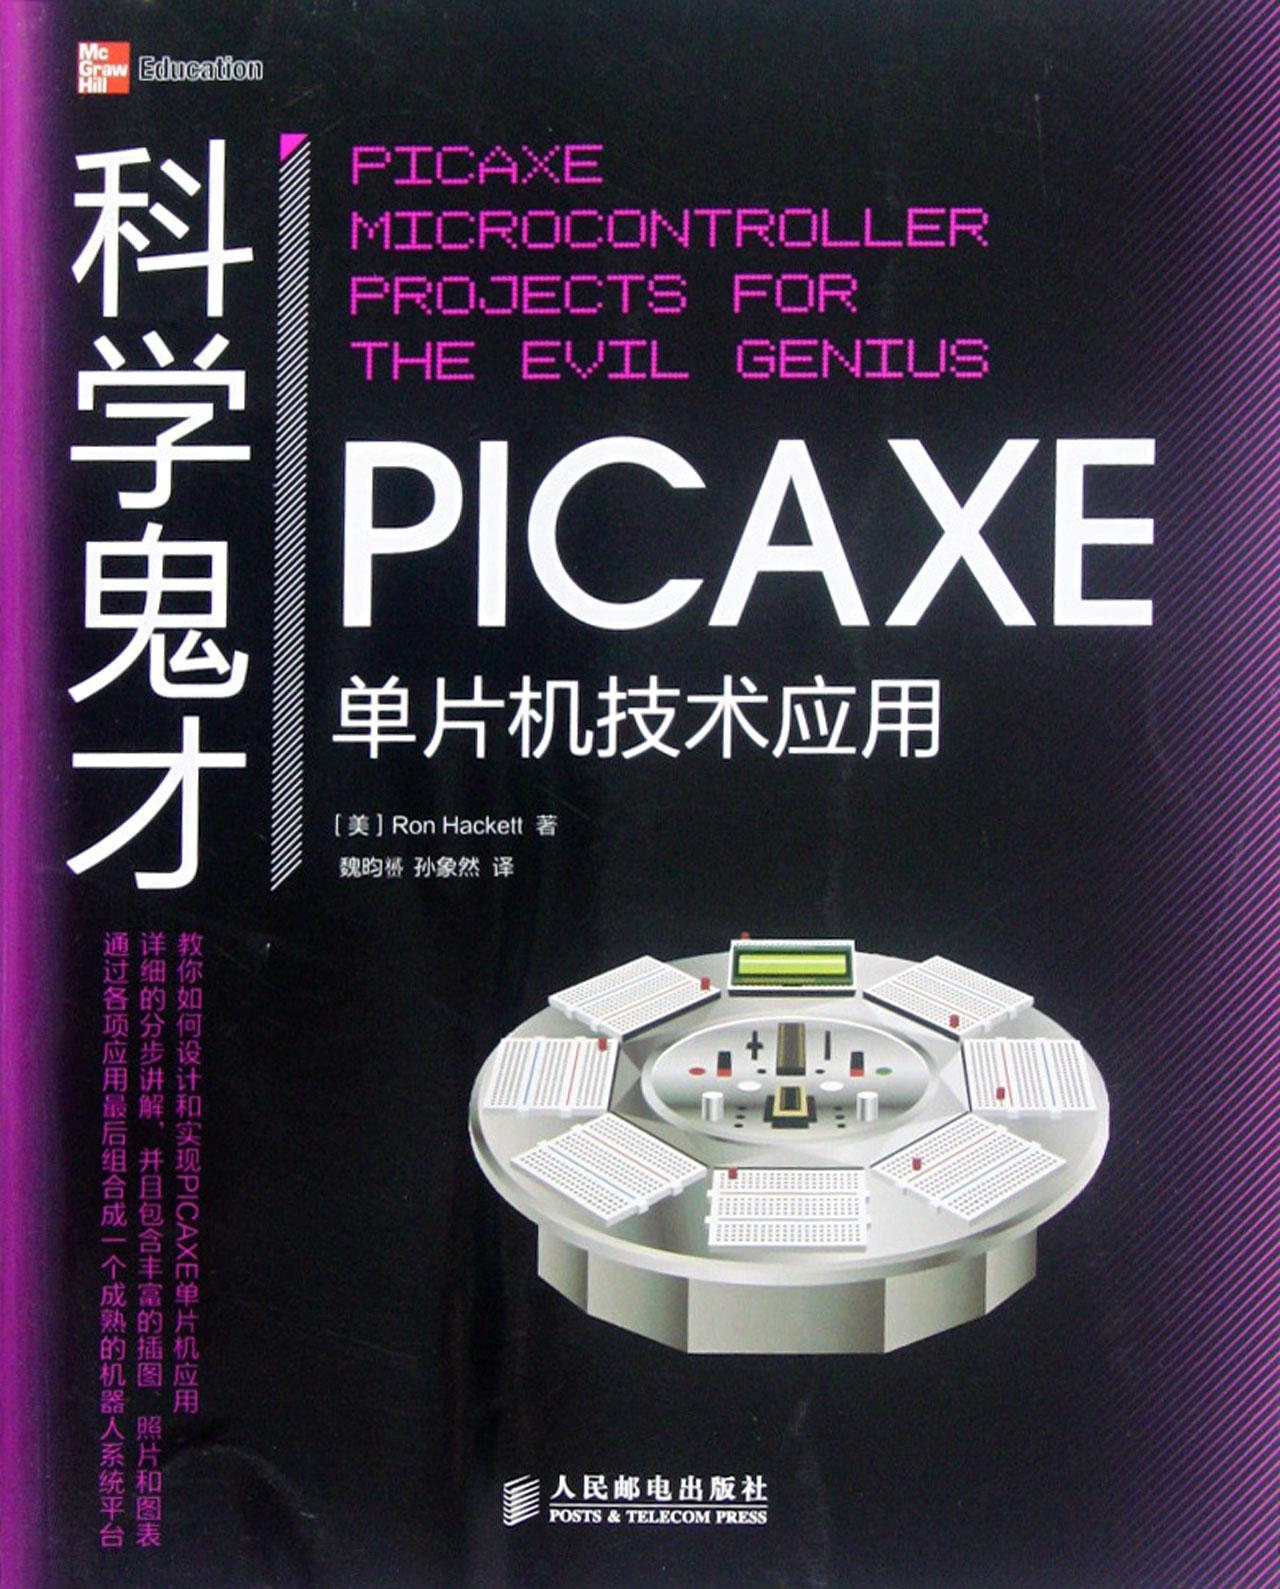 科学鬼才:PICAXE单片机技术应用[美][Ron.Hackett著][扫描版][pdf]